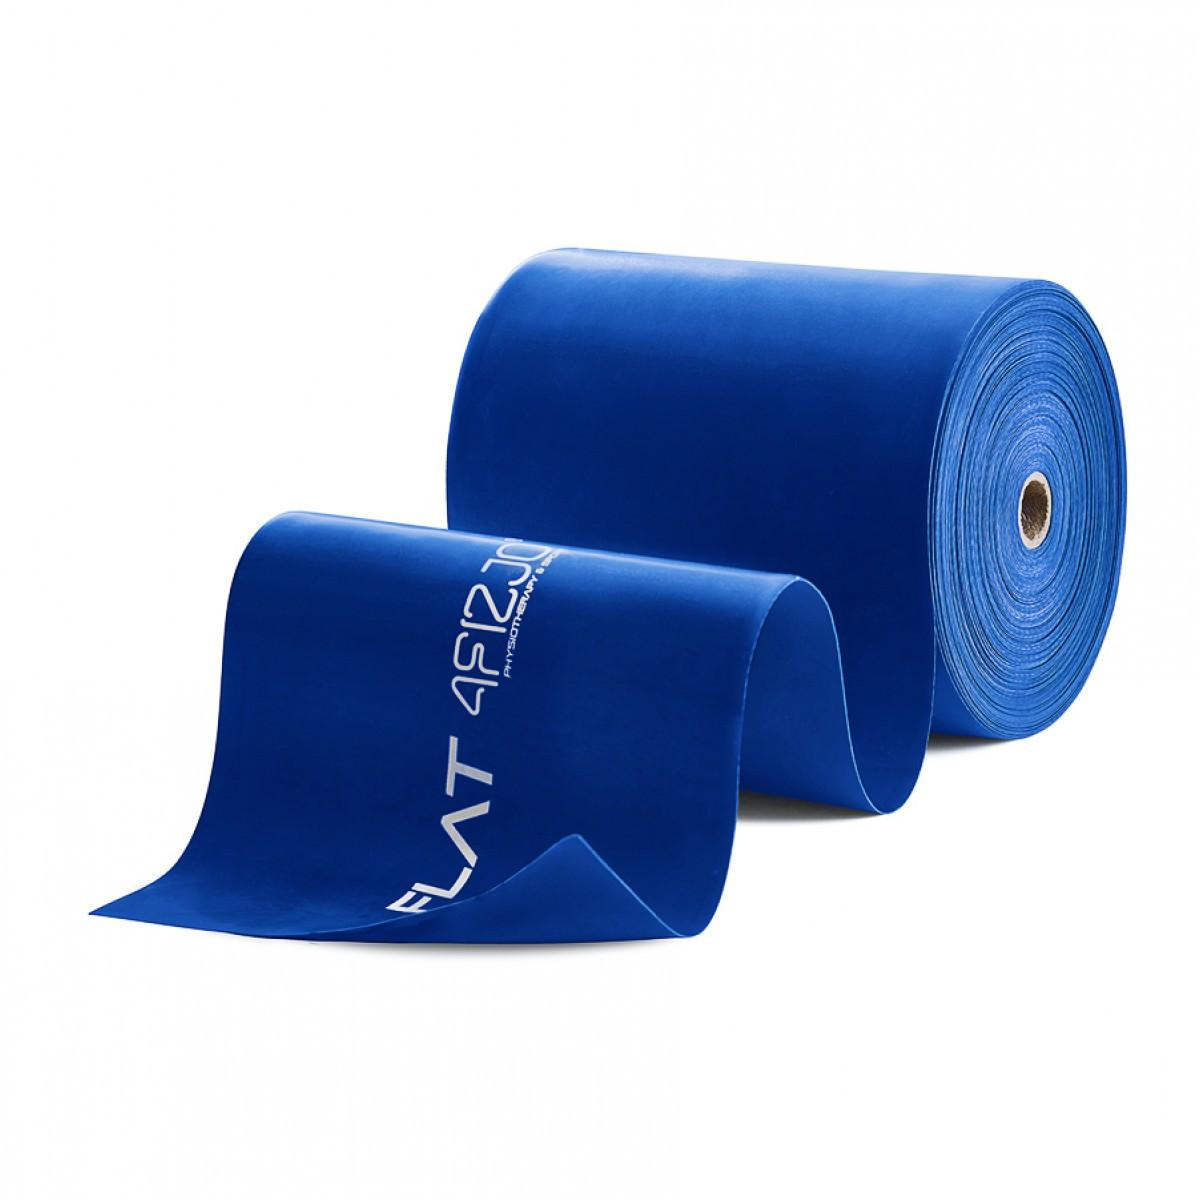 Лента-эспандер для спорта и реабилитации 4FIZJO Flat Band 30 м 9-11 кг